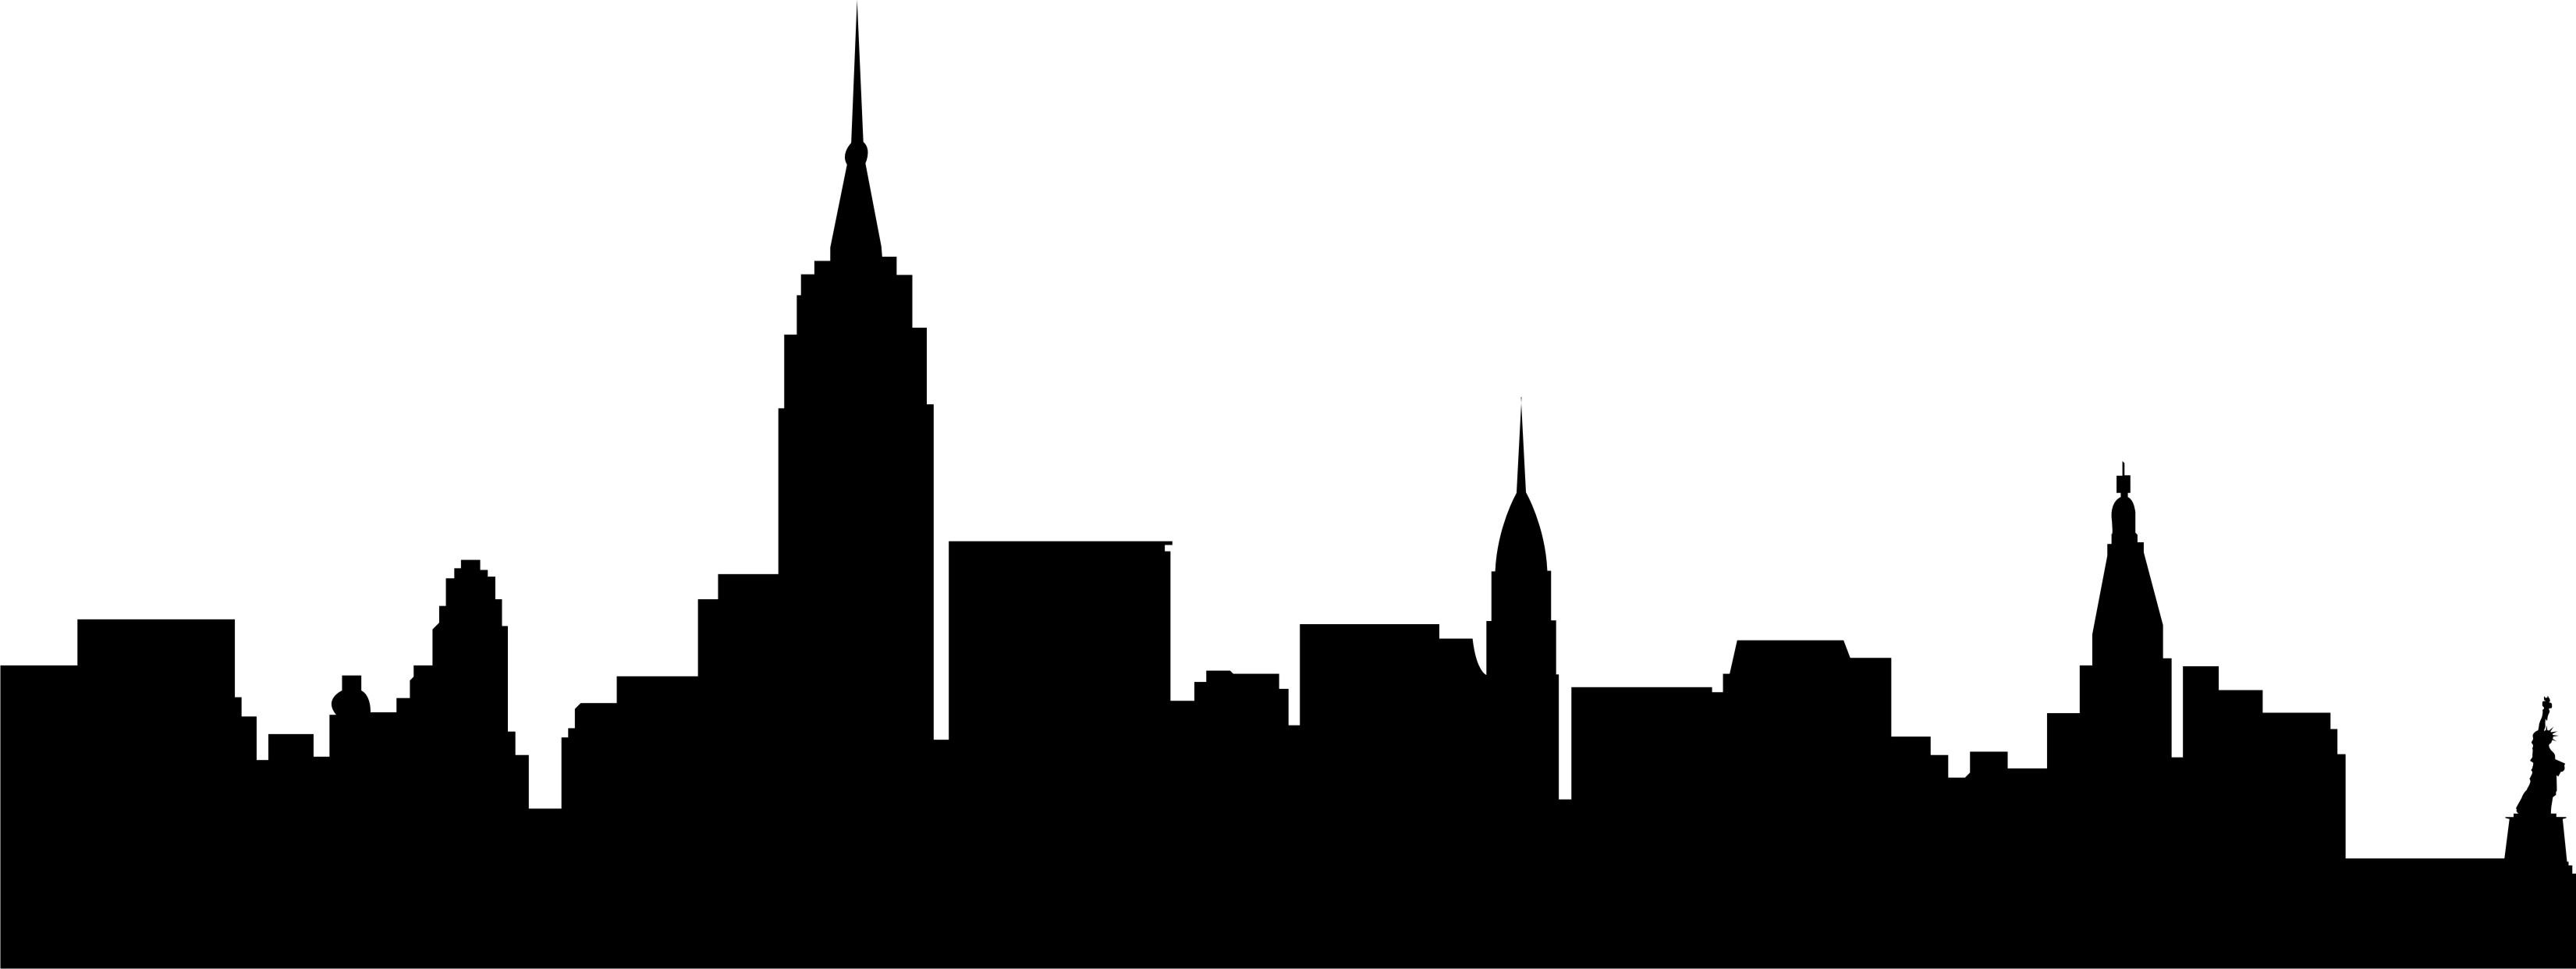 3302x1242 Cityscape Clipart Architecture 3165095